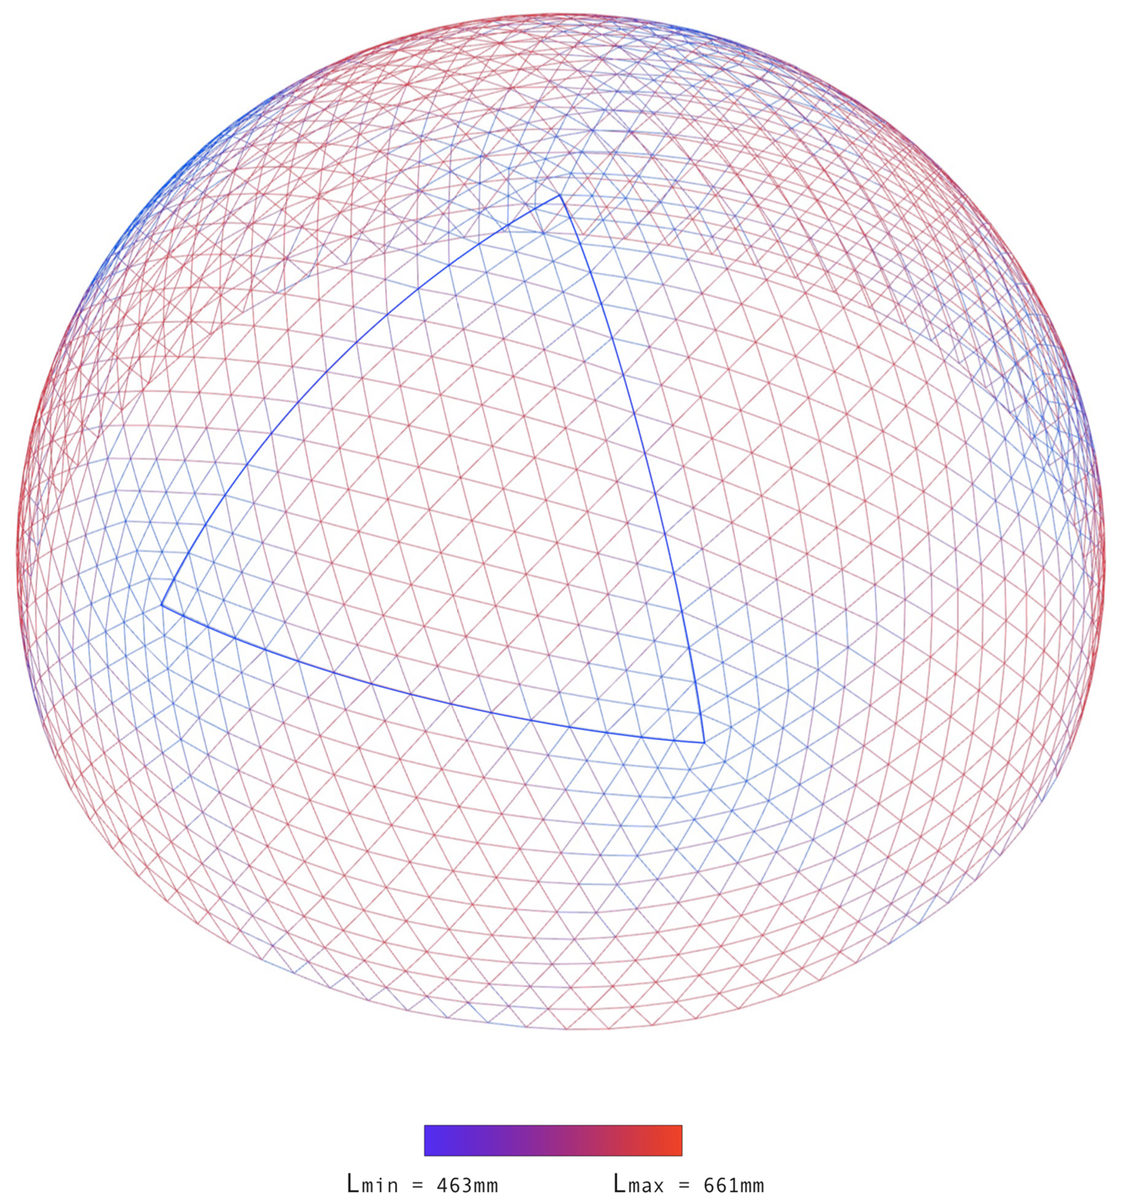 параметрическая модель длин элементов сетчатого купола